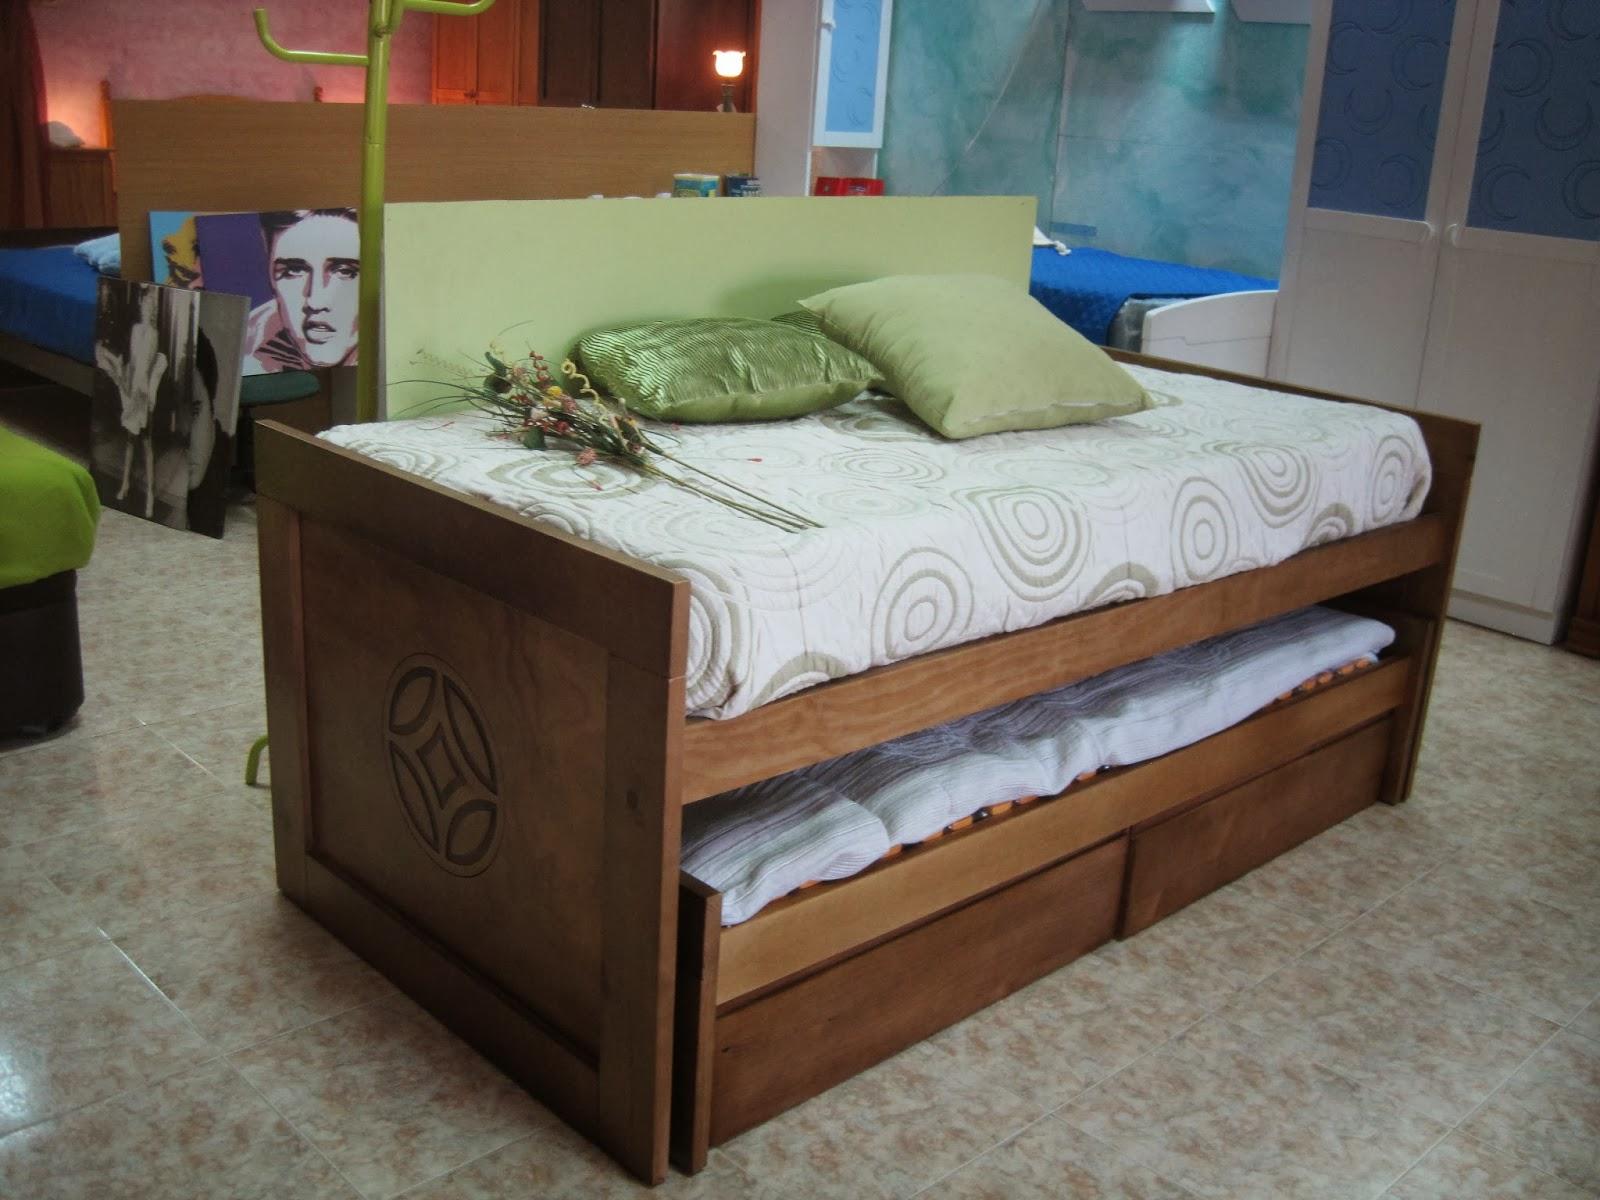 Muebles arcecoll compartir dormitorio for Precio de cama nido